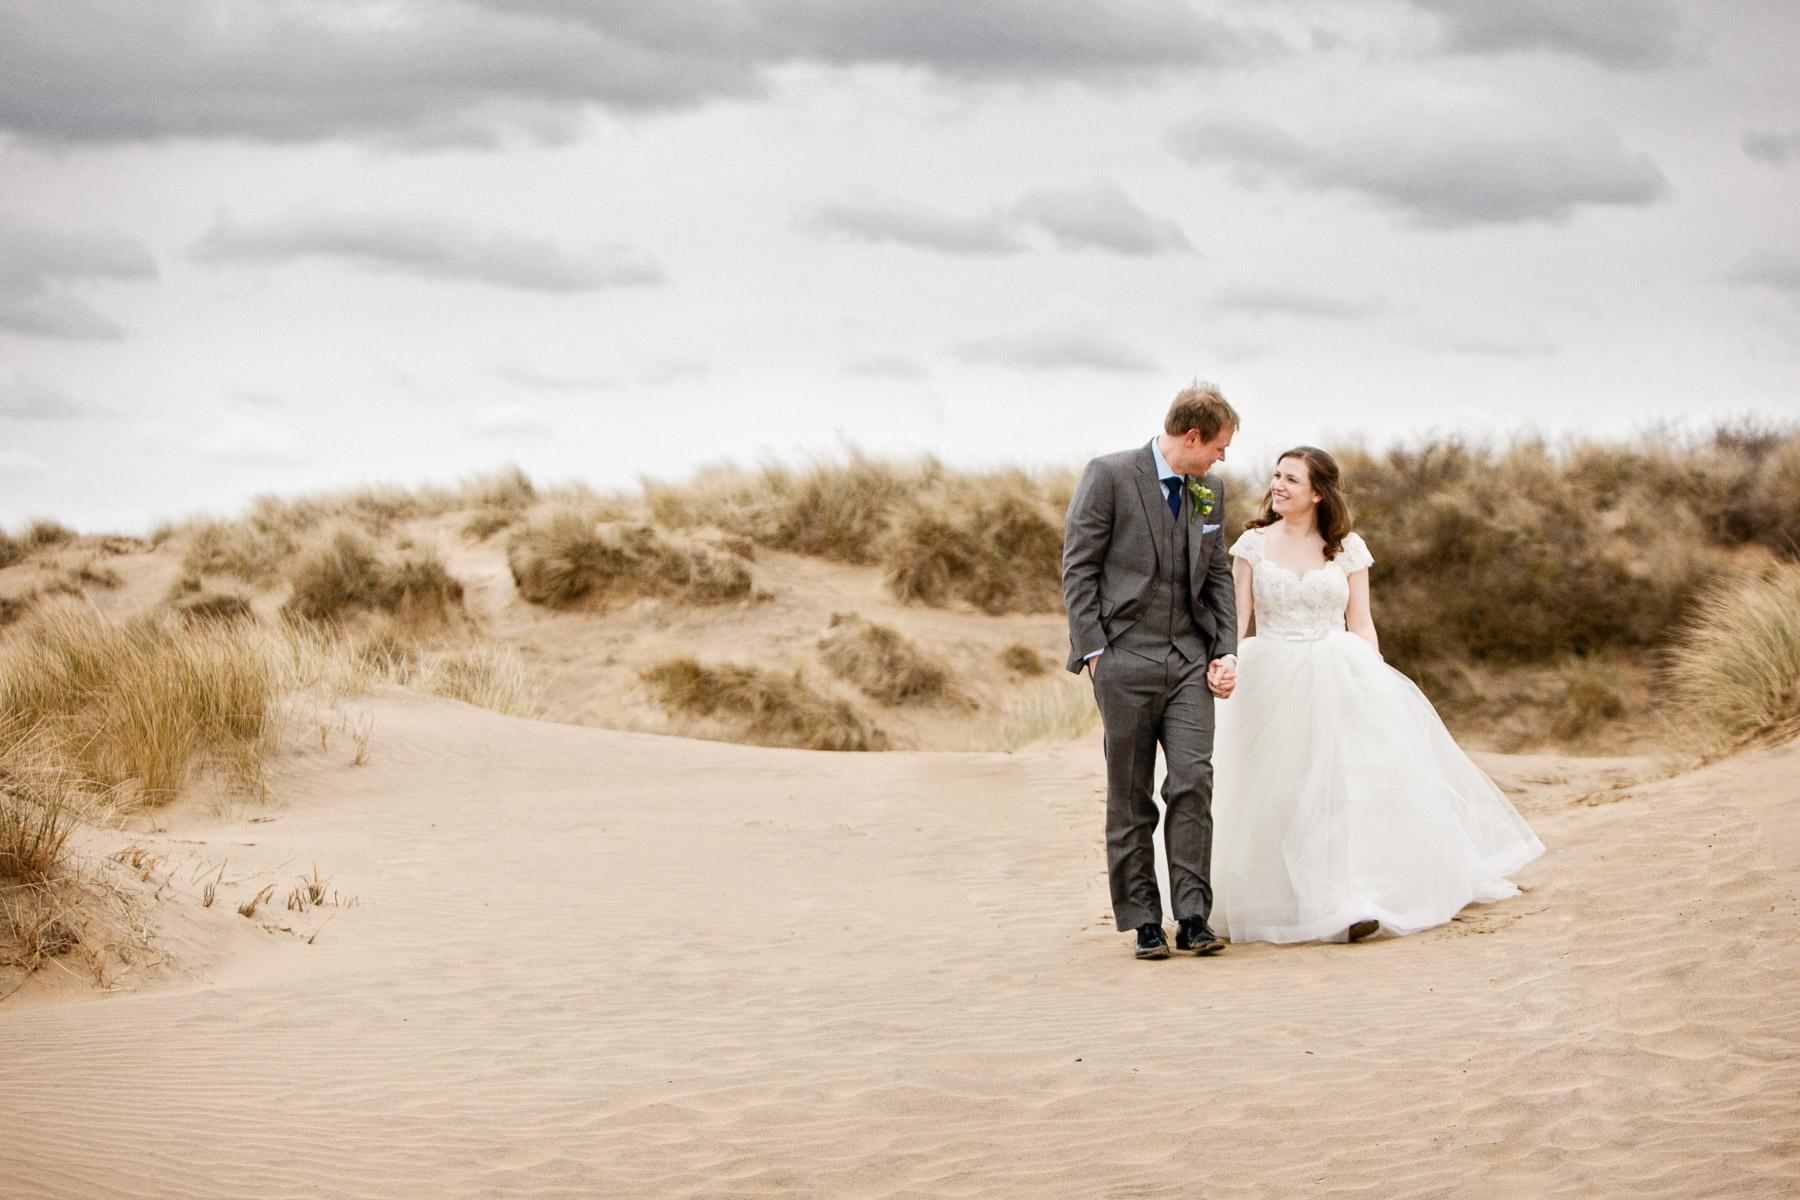 wedding portfolio 25-09-17  087.jpg